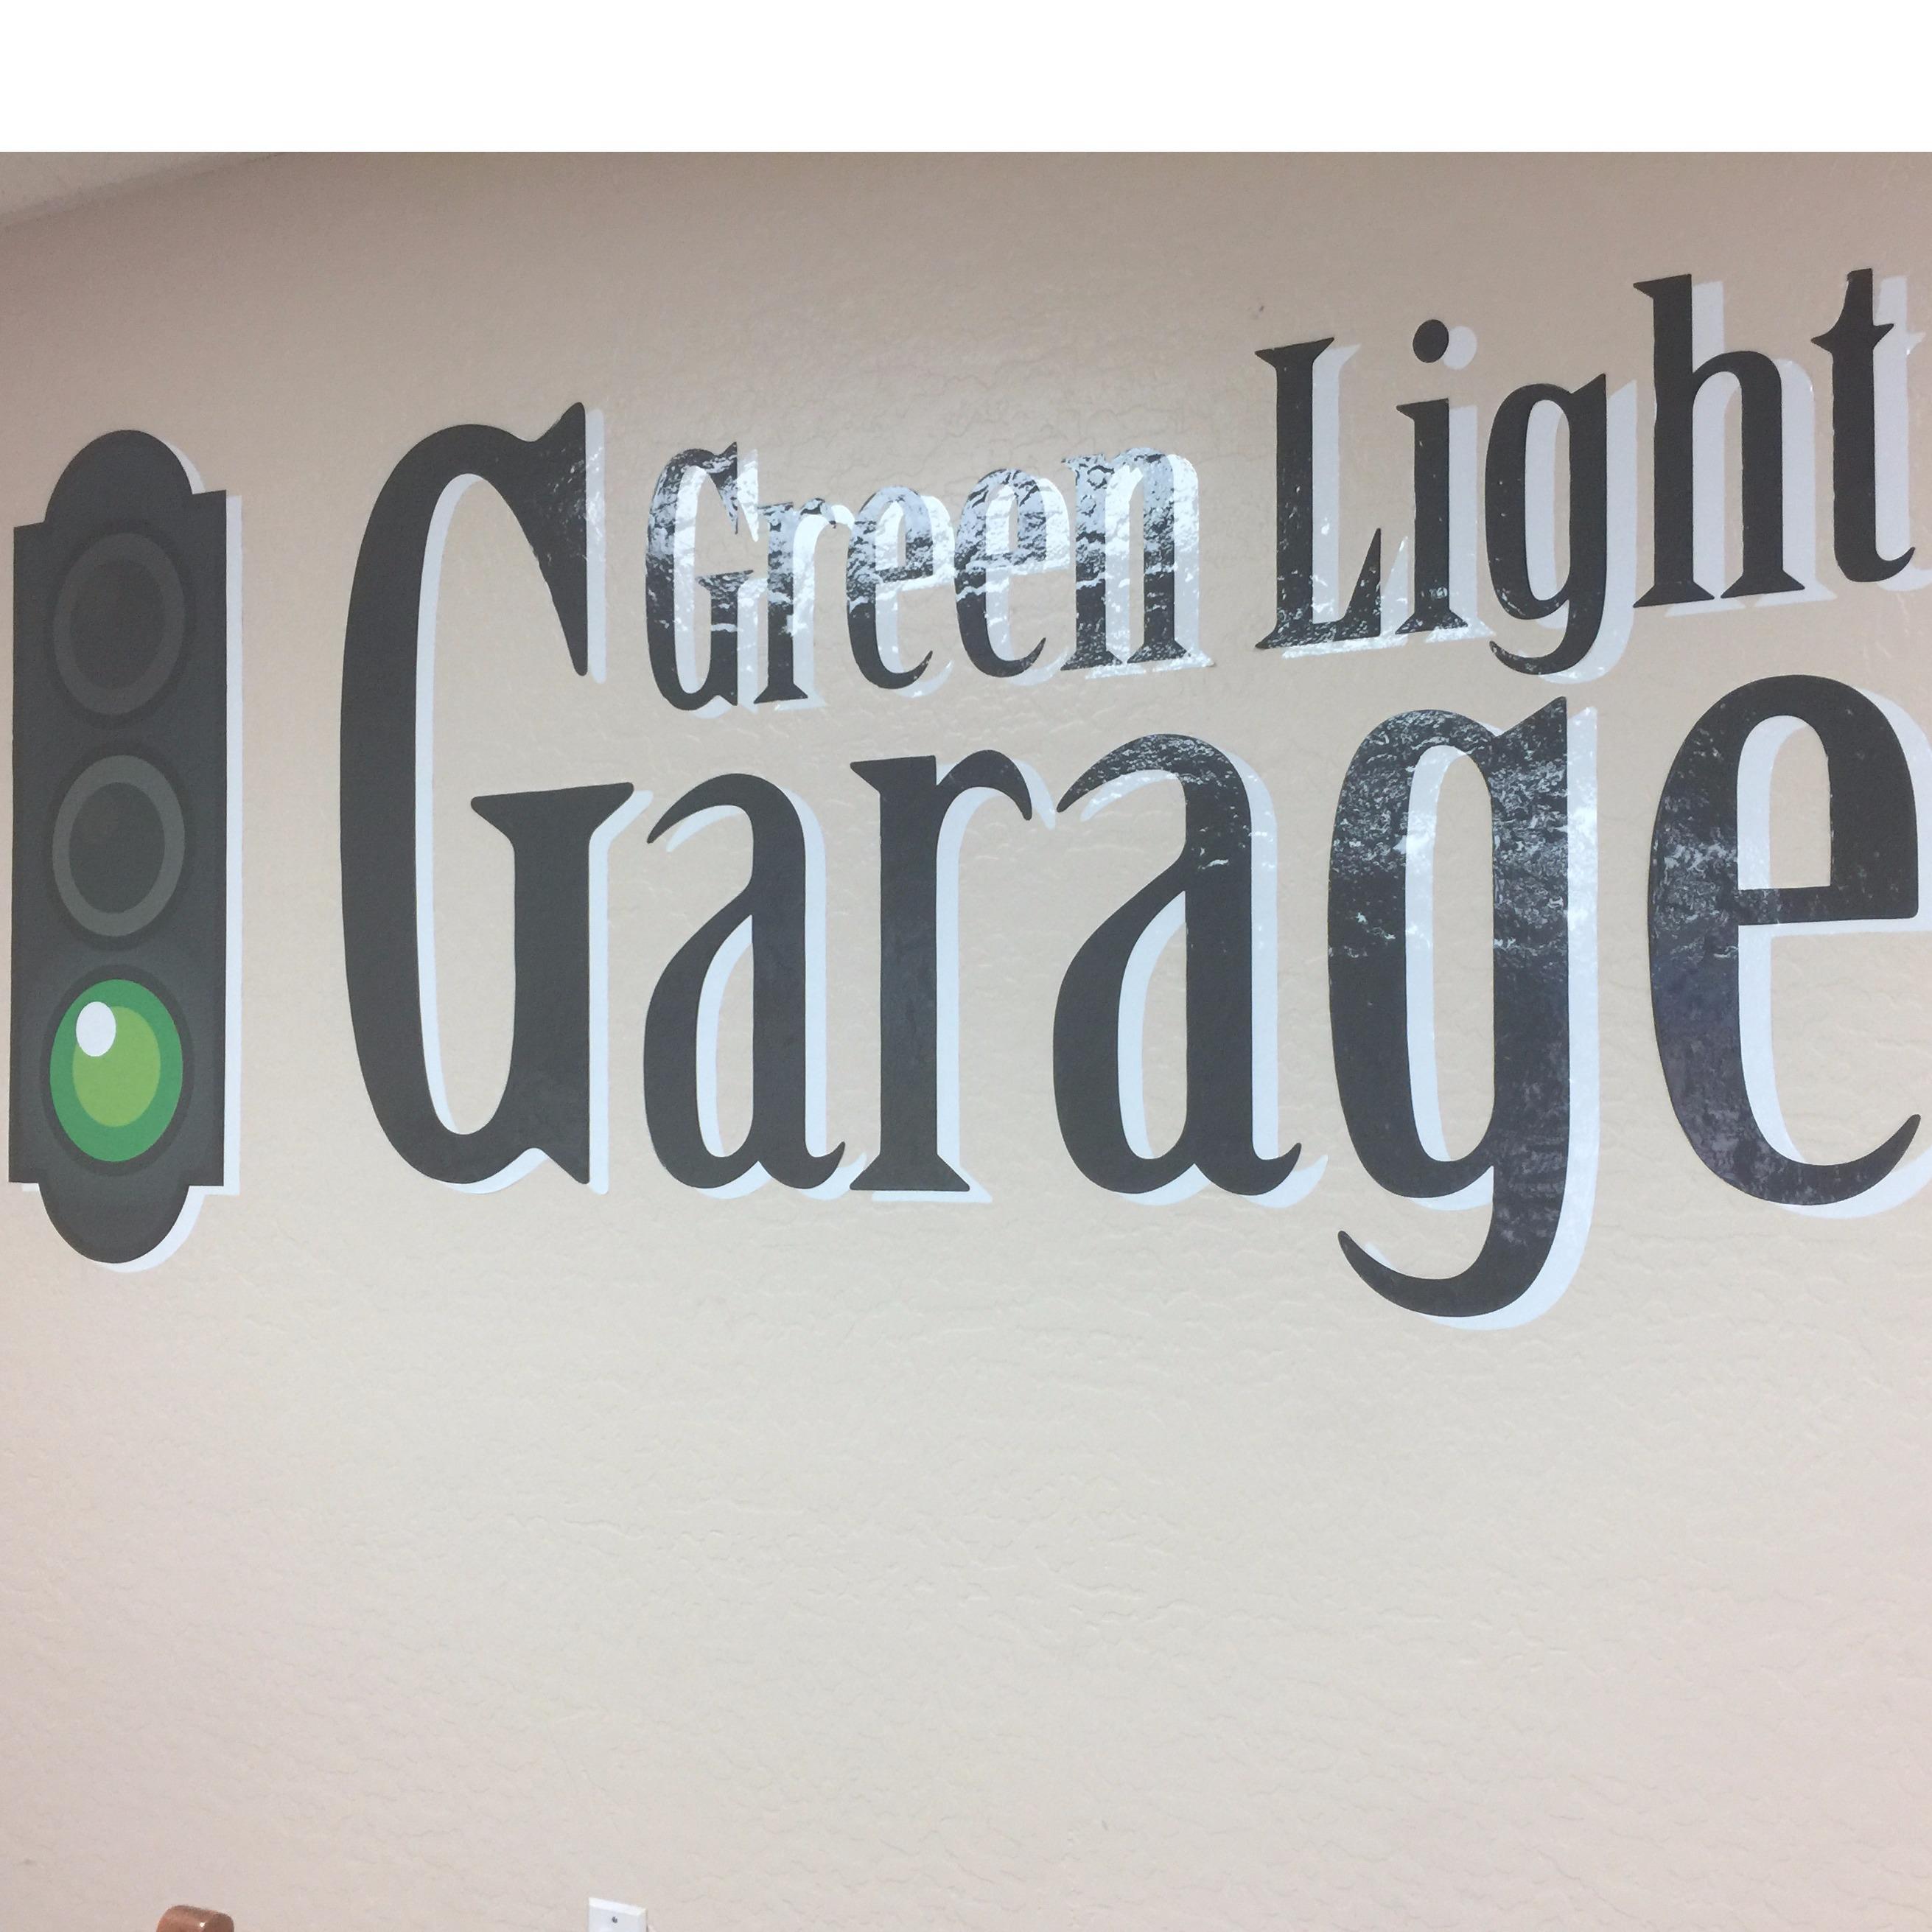 Green Light Garage